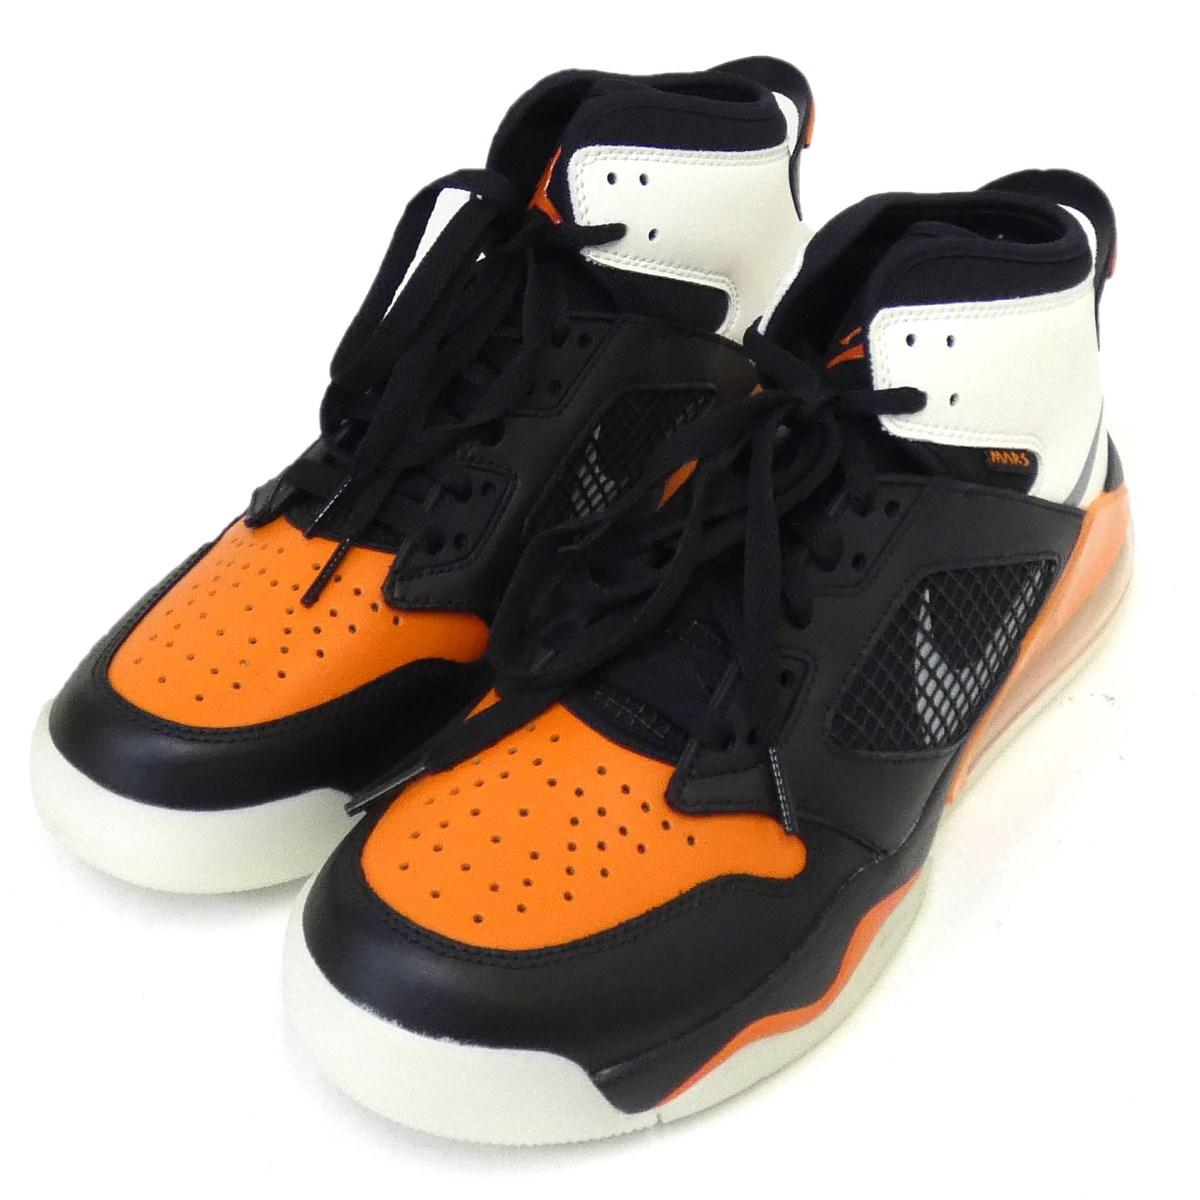 メンズ靴, その他 NIKE AIR JORDAN MARS 270CD7070-008 275cm 020420